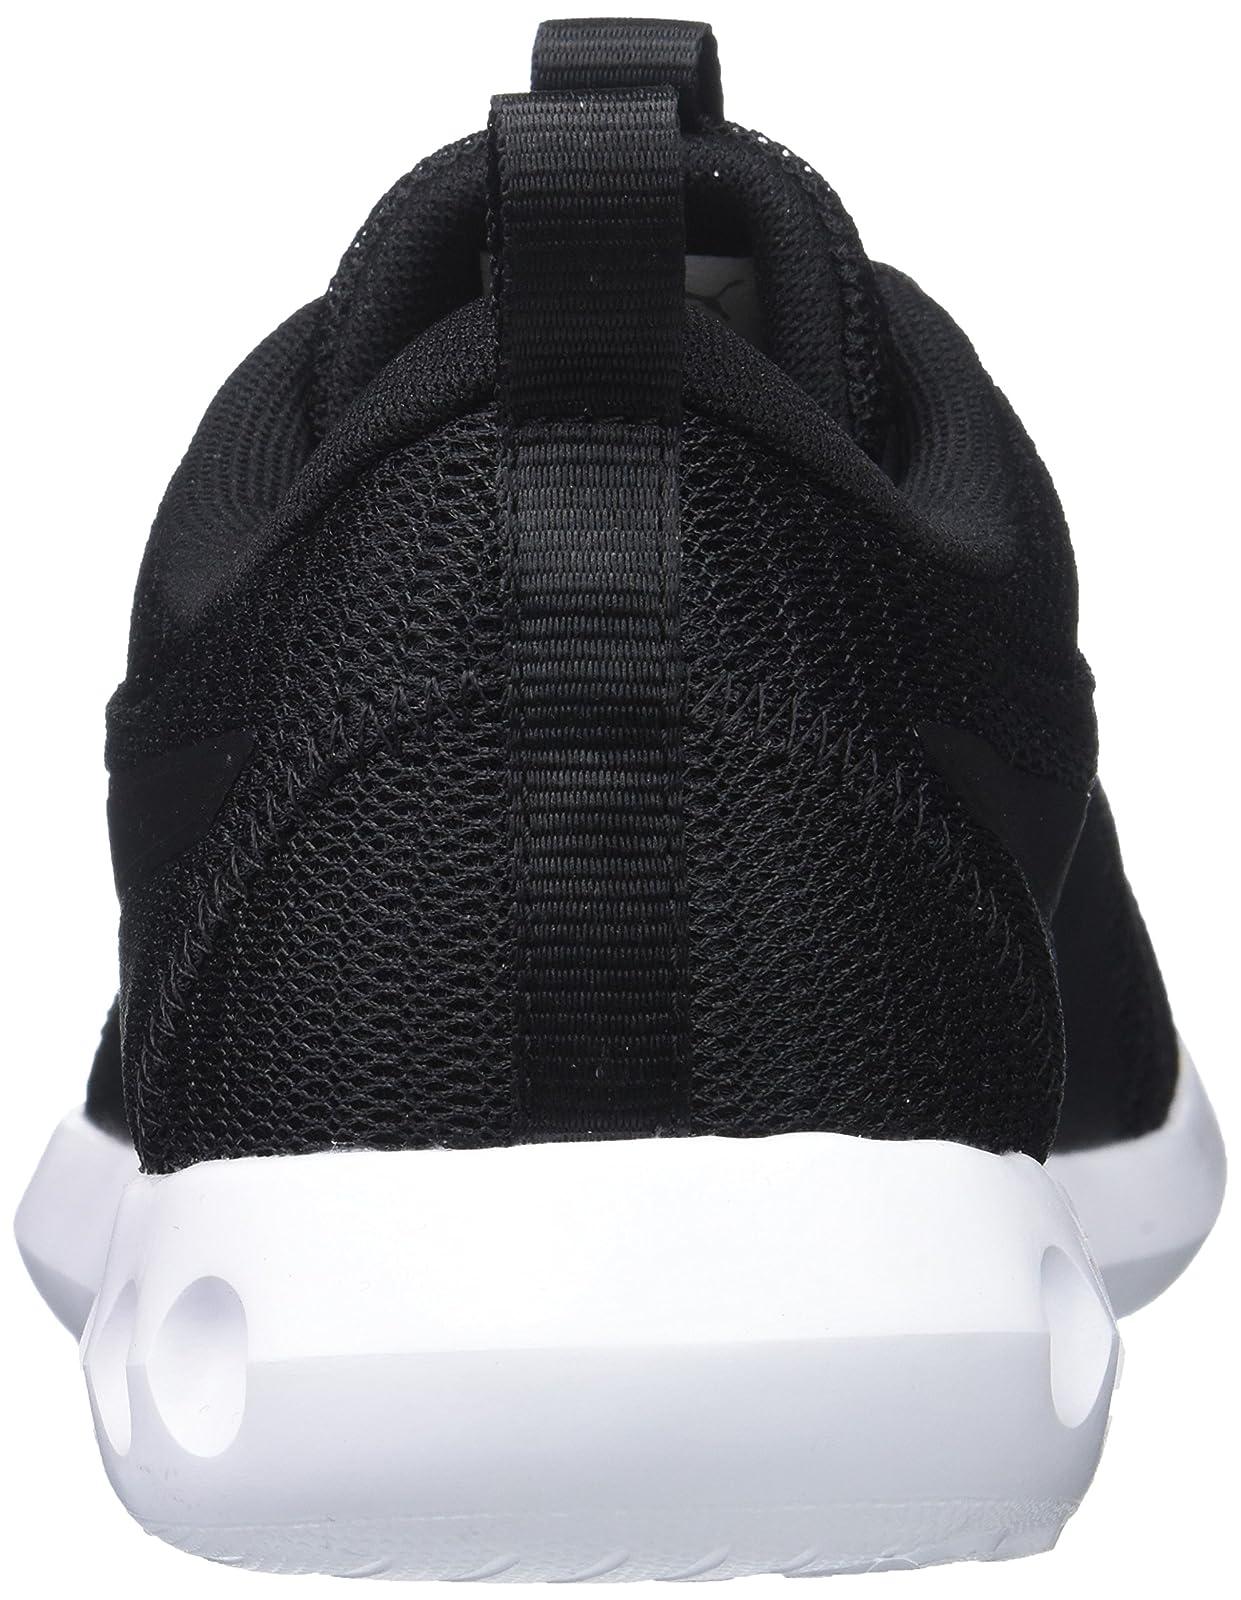 Rihanna x Puma Sneakers aus Samt Grau Größe 5 4062054